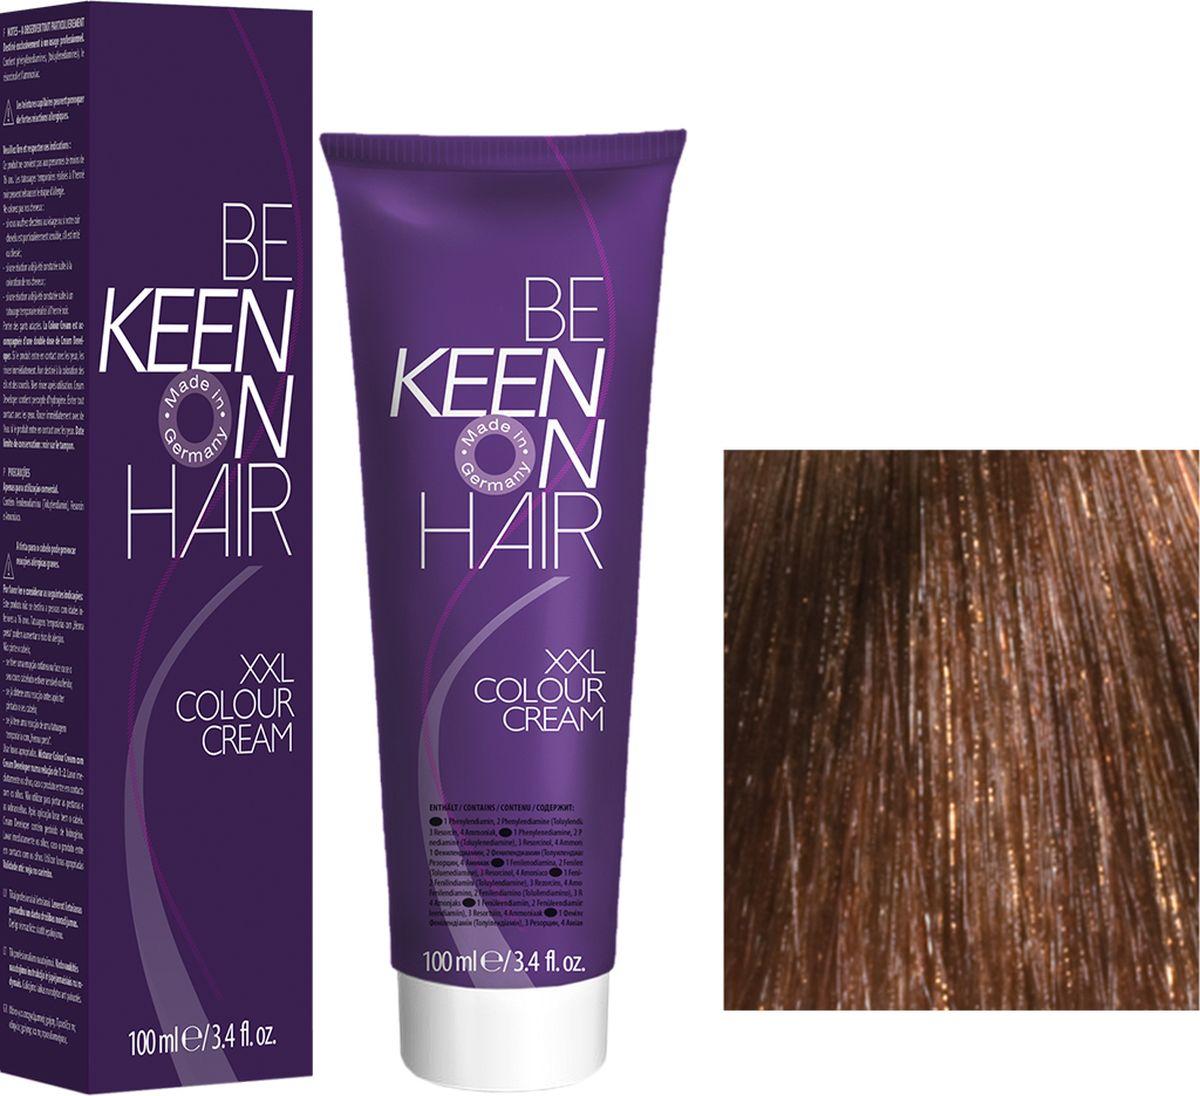 Keen Краска для волос 7.75 Палисандр Palisander, 100 мл69100068Модные оттенкиБолее 100 оттенков для креативной комбинации цветов.ЭкономичностьПри использовании тюбика 100 мл вы получаете оптимальное соотношение цены и качества!УходМолочный белок поддерживает структуру волоса во время окрашивания и придает волосам блеск и шелковистость. Протеины хорошо встраиваются в волосы и снабжают их влагой.